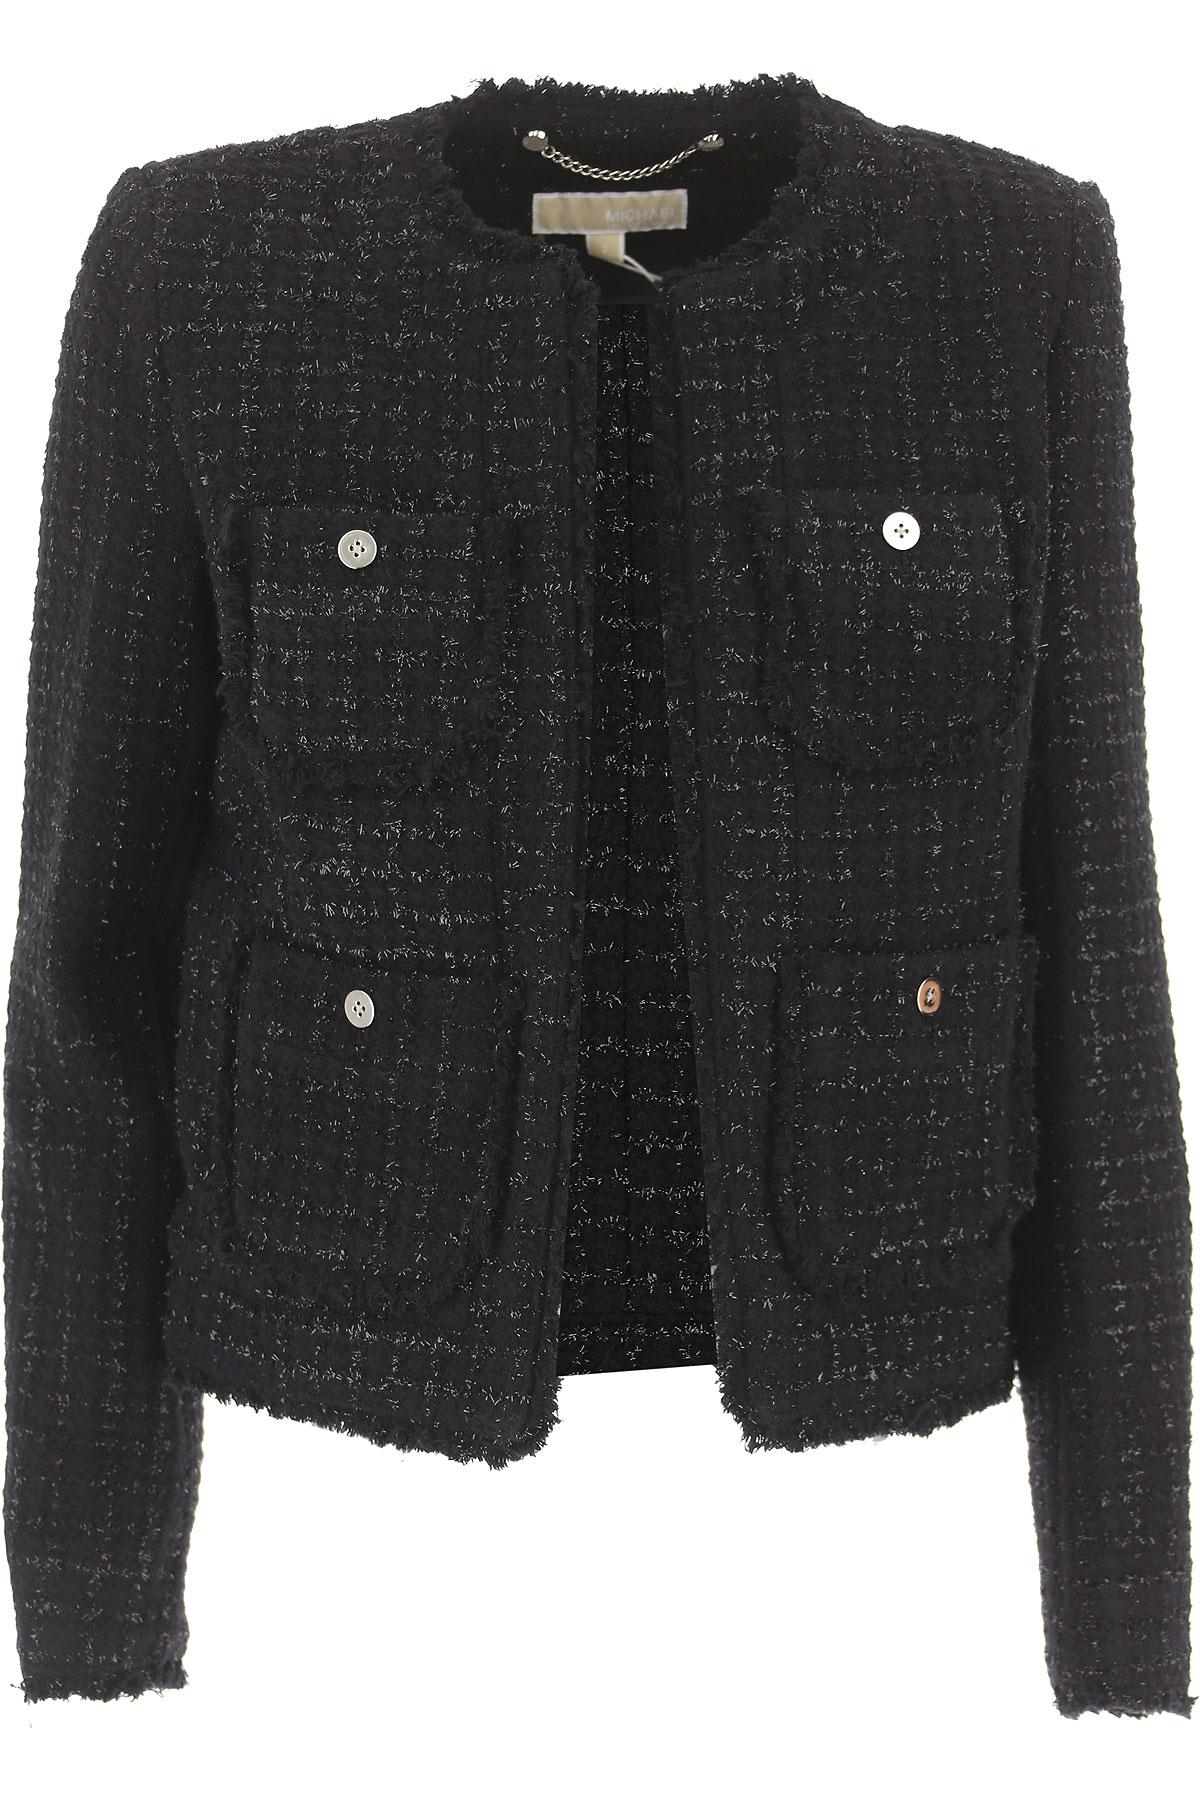 Michael Kors Jacket for Women On Sale, Black, Wool, 2019, 12 14 8